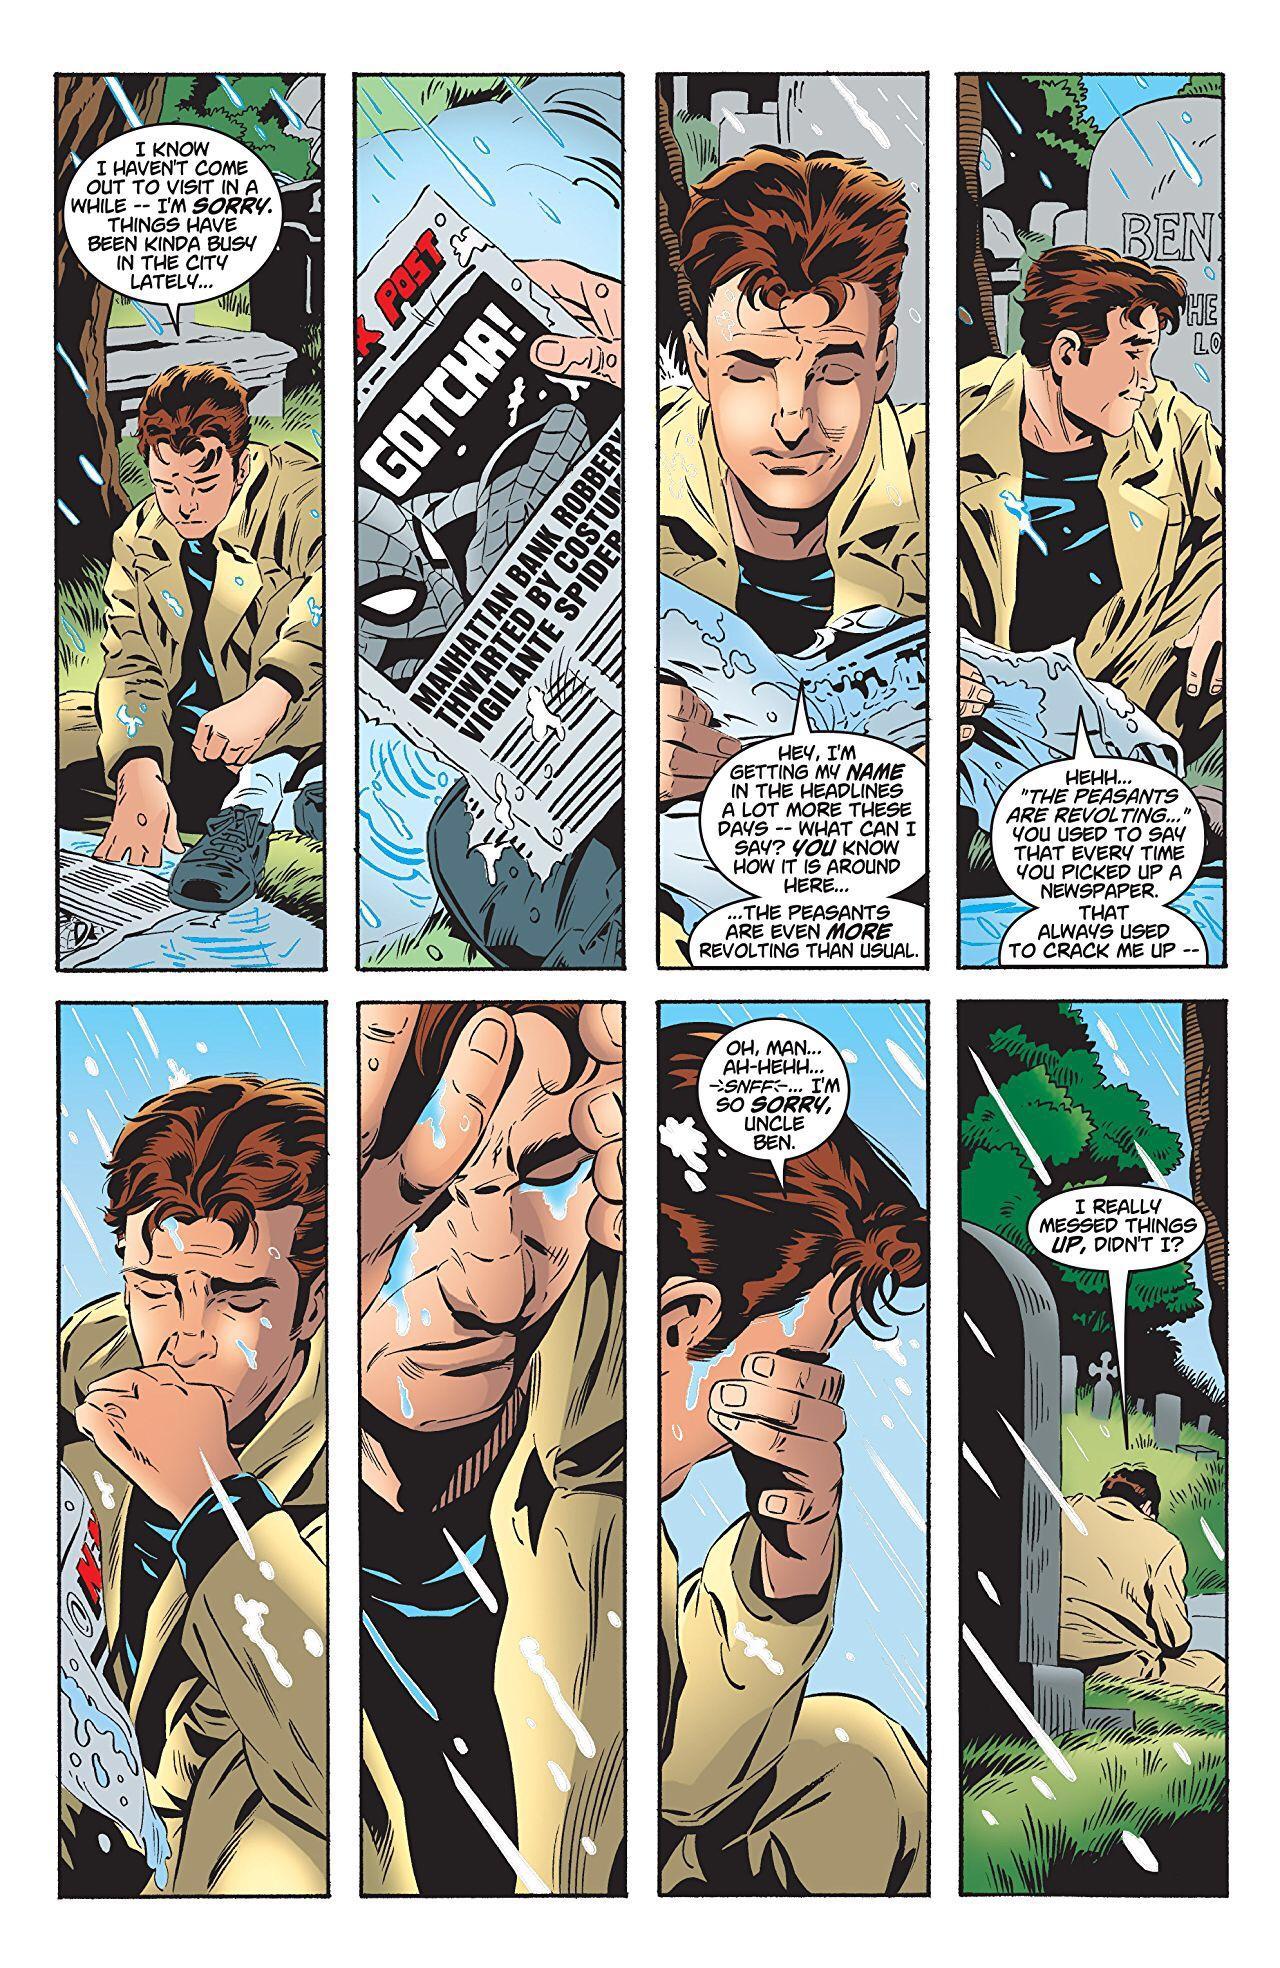 Ben Parker Grave Spider Man Ps4 : parker, grave, spider, Peter, Parker, Visiting, Uncle, Ben's, Grave., Spiderman